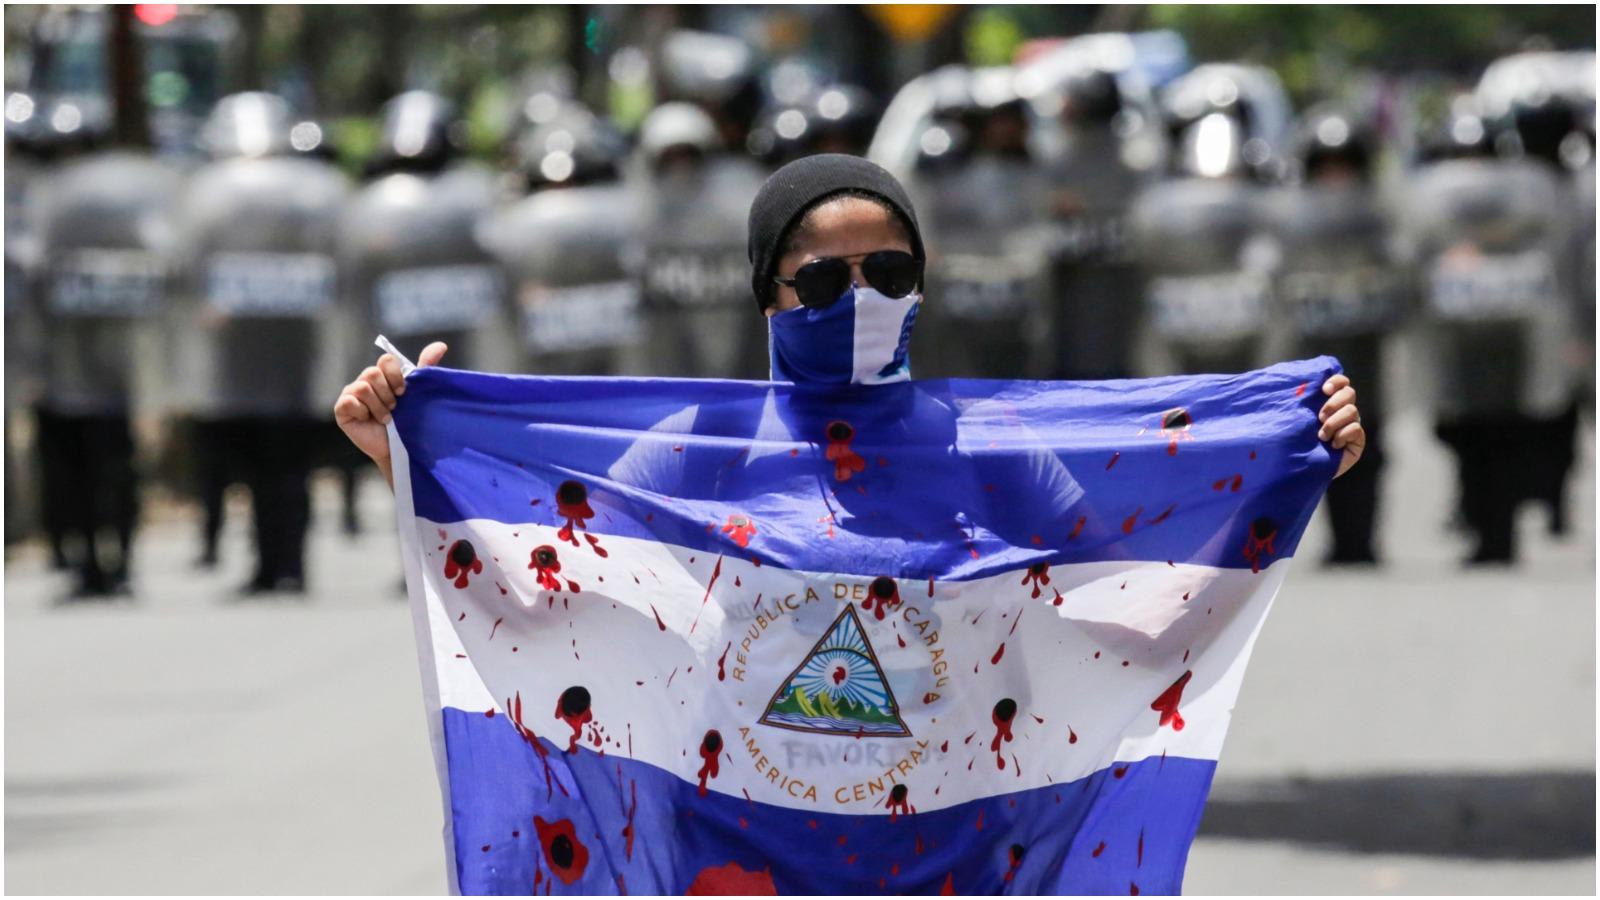 Jonas Stengaard Jensen: Den nicaraguanske frihedshelt Daniel Ortega har levet længe nok til at se sig selv blive tyrannen i en blodig katastrofe